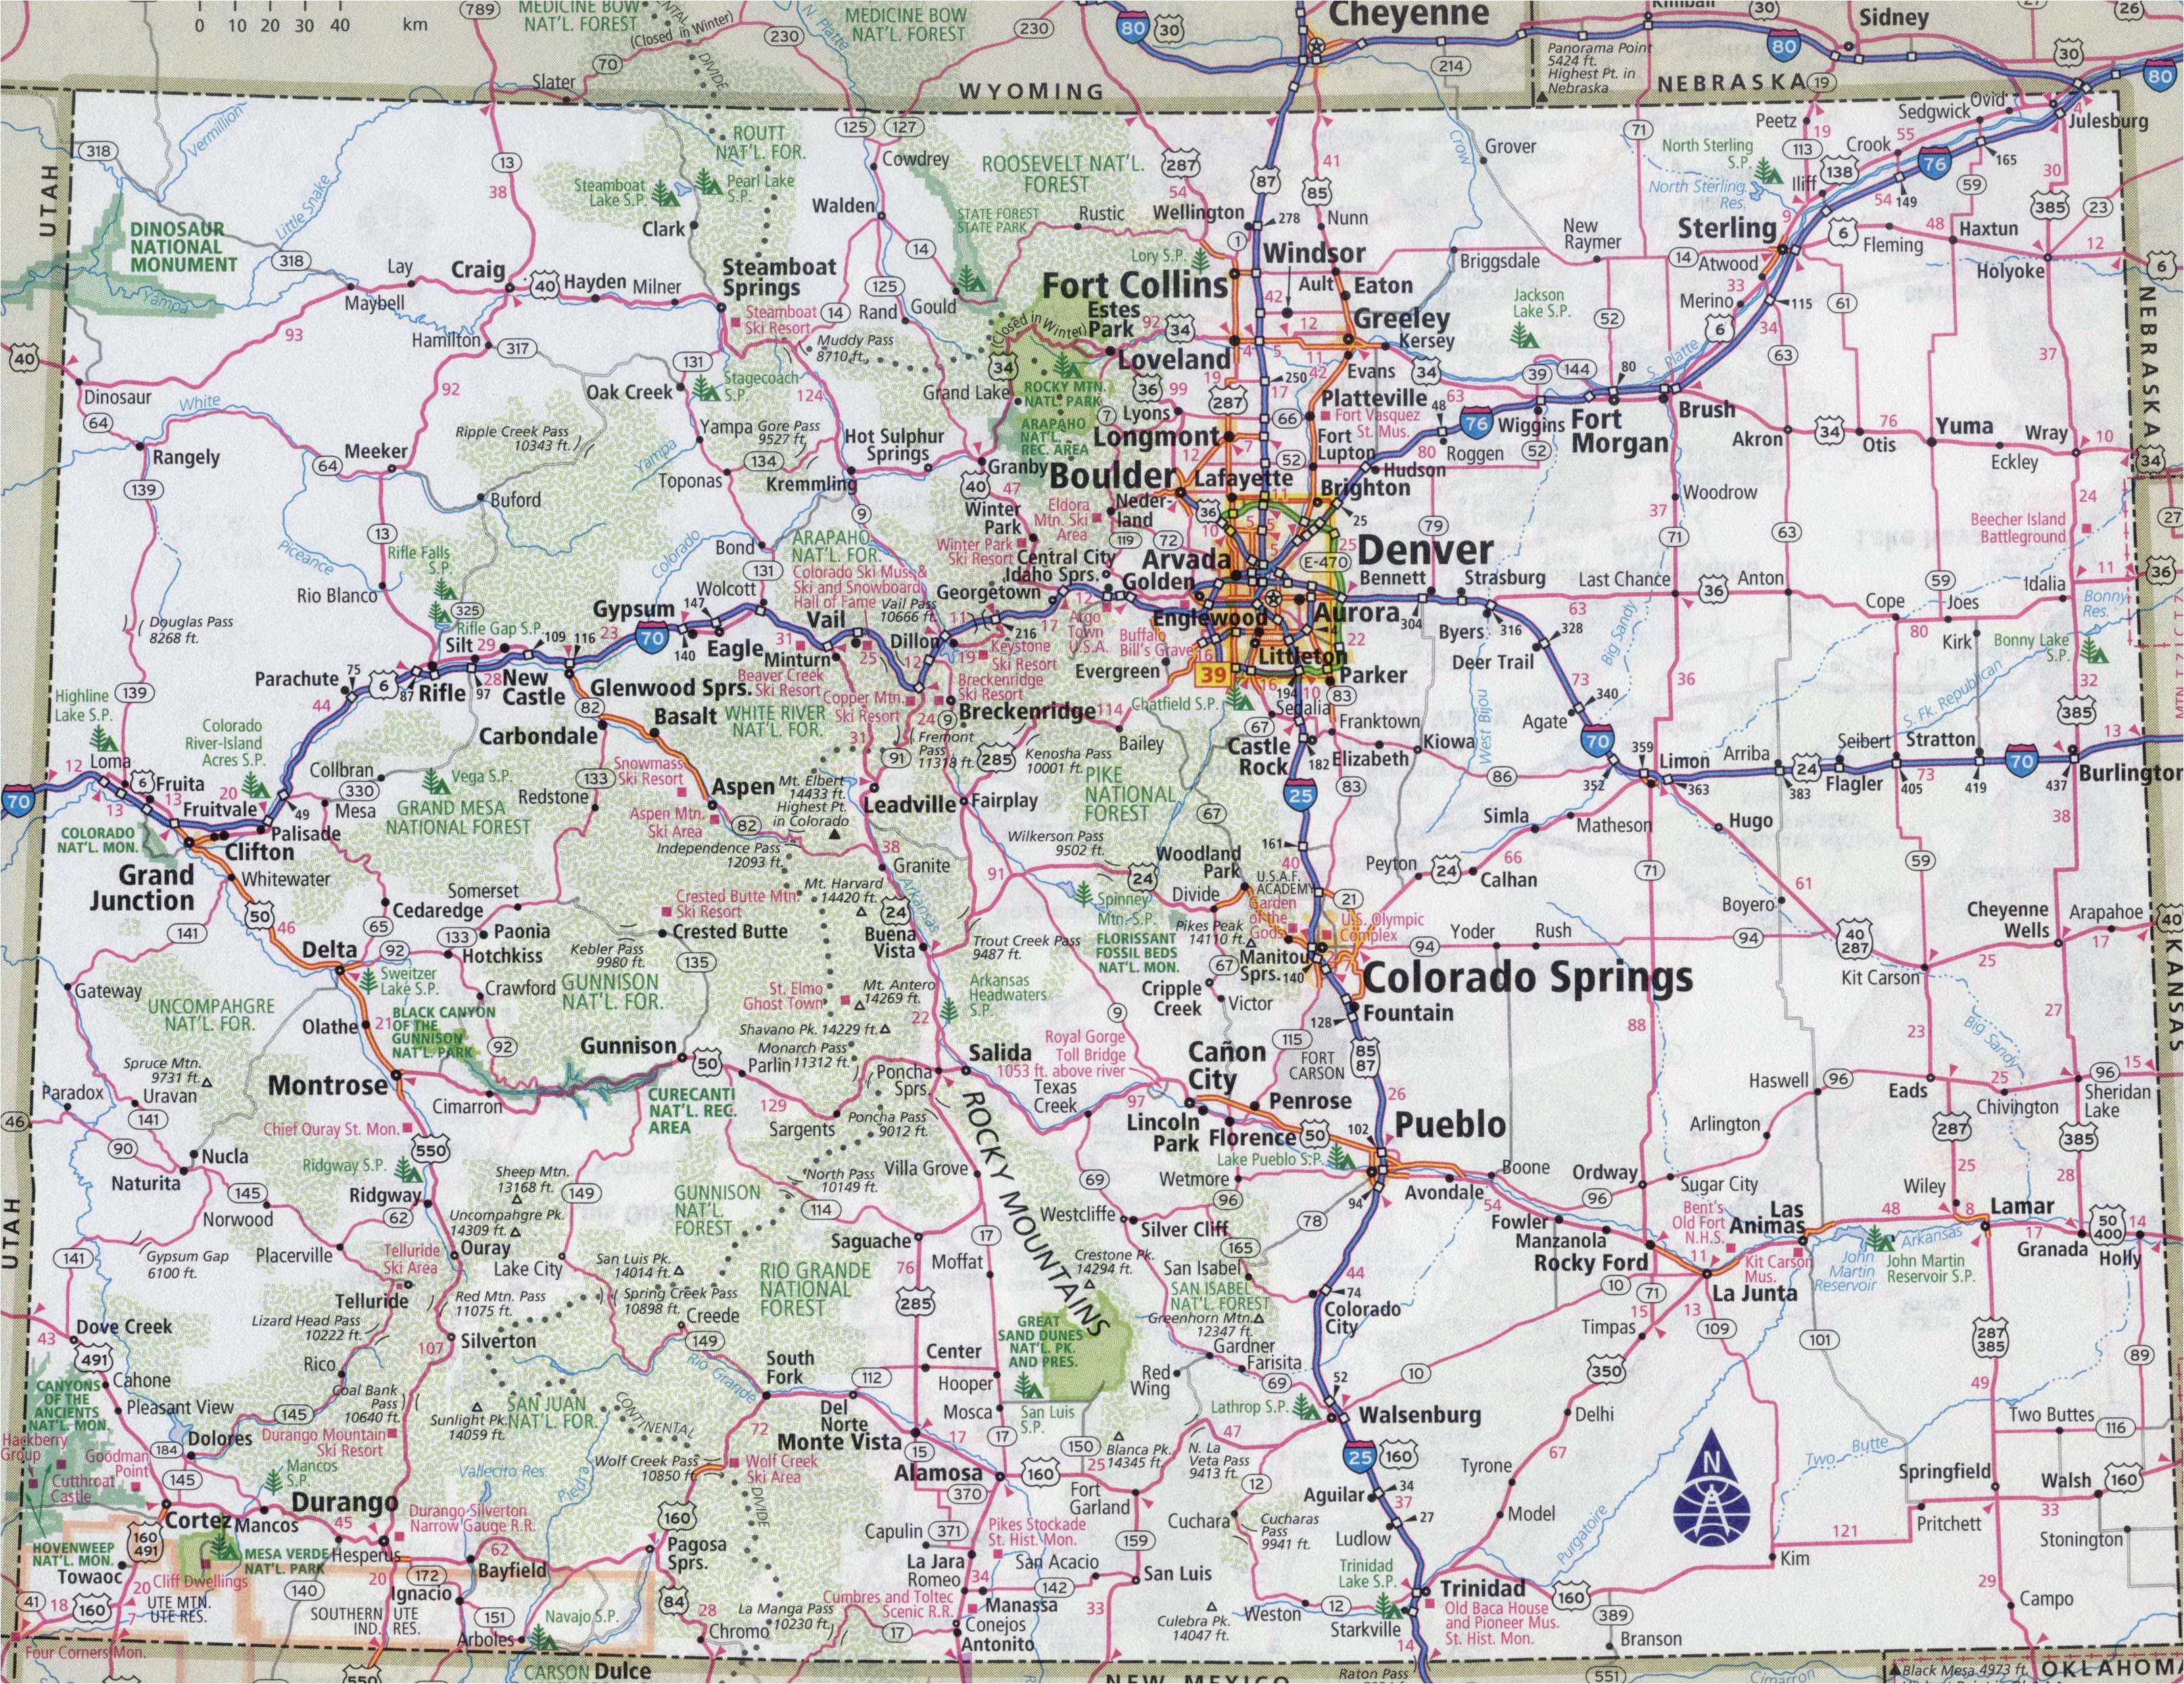 Map Of Neska and Colorado Kansas Highway Map Luxury Colorado ... Kansas S Map on maryland map, ohio s map, delaware map, utah s map,